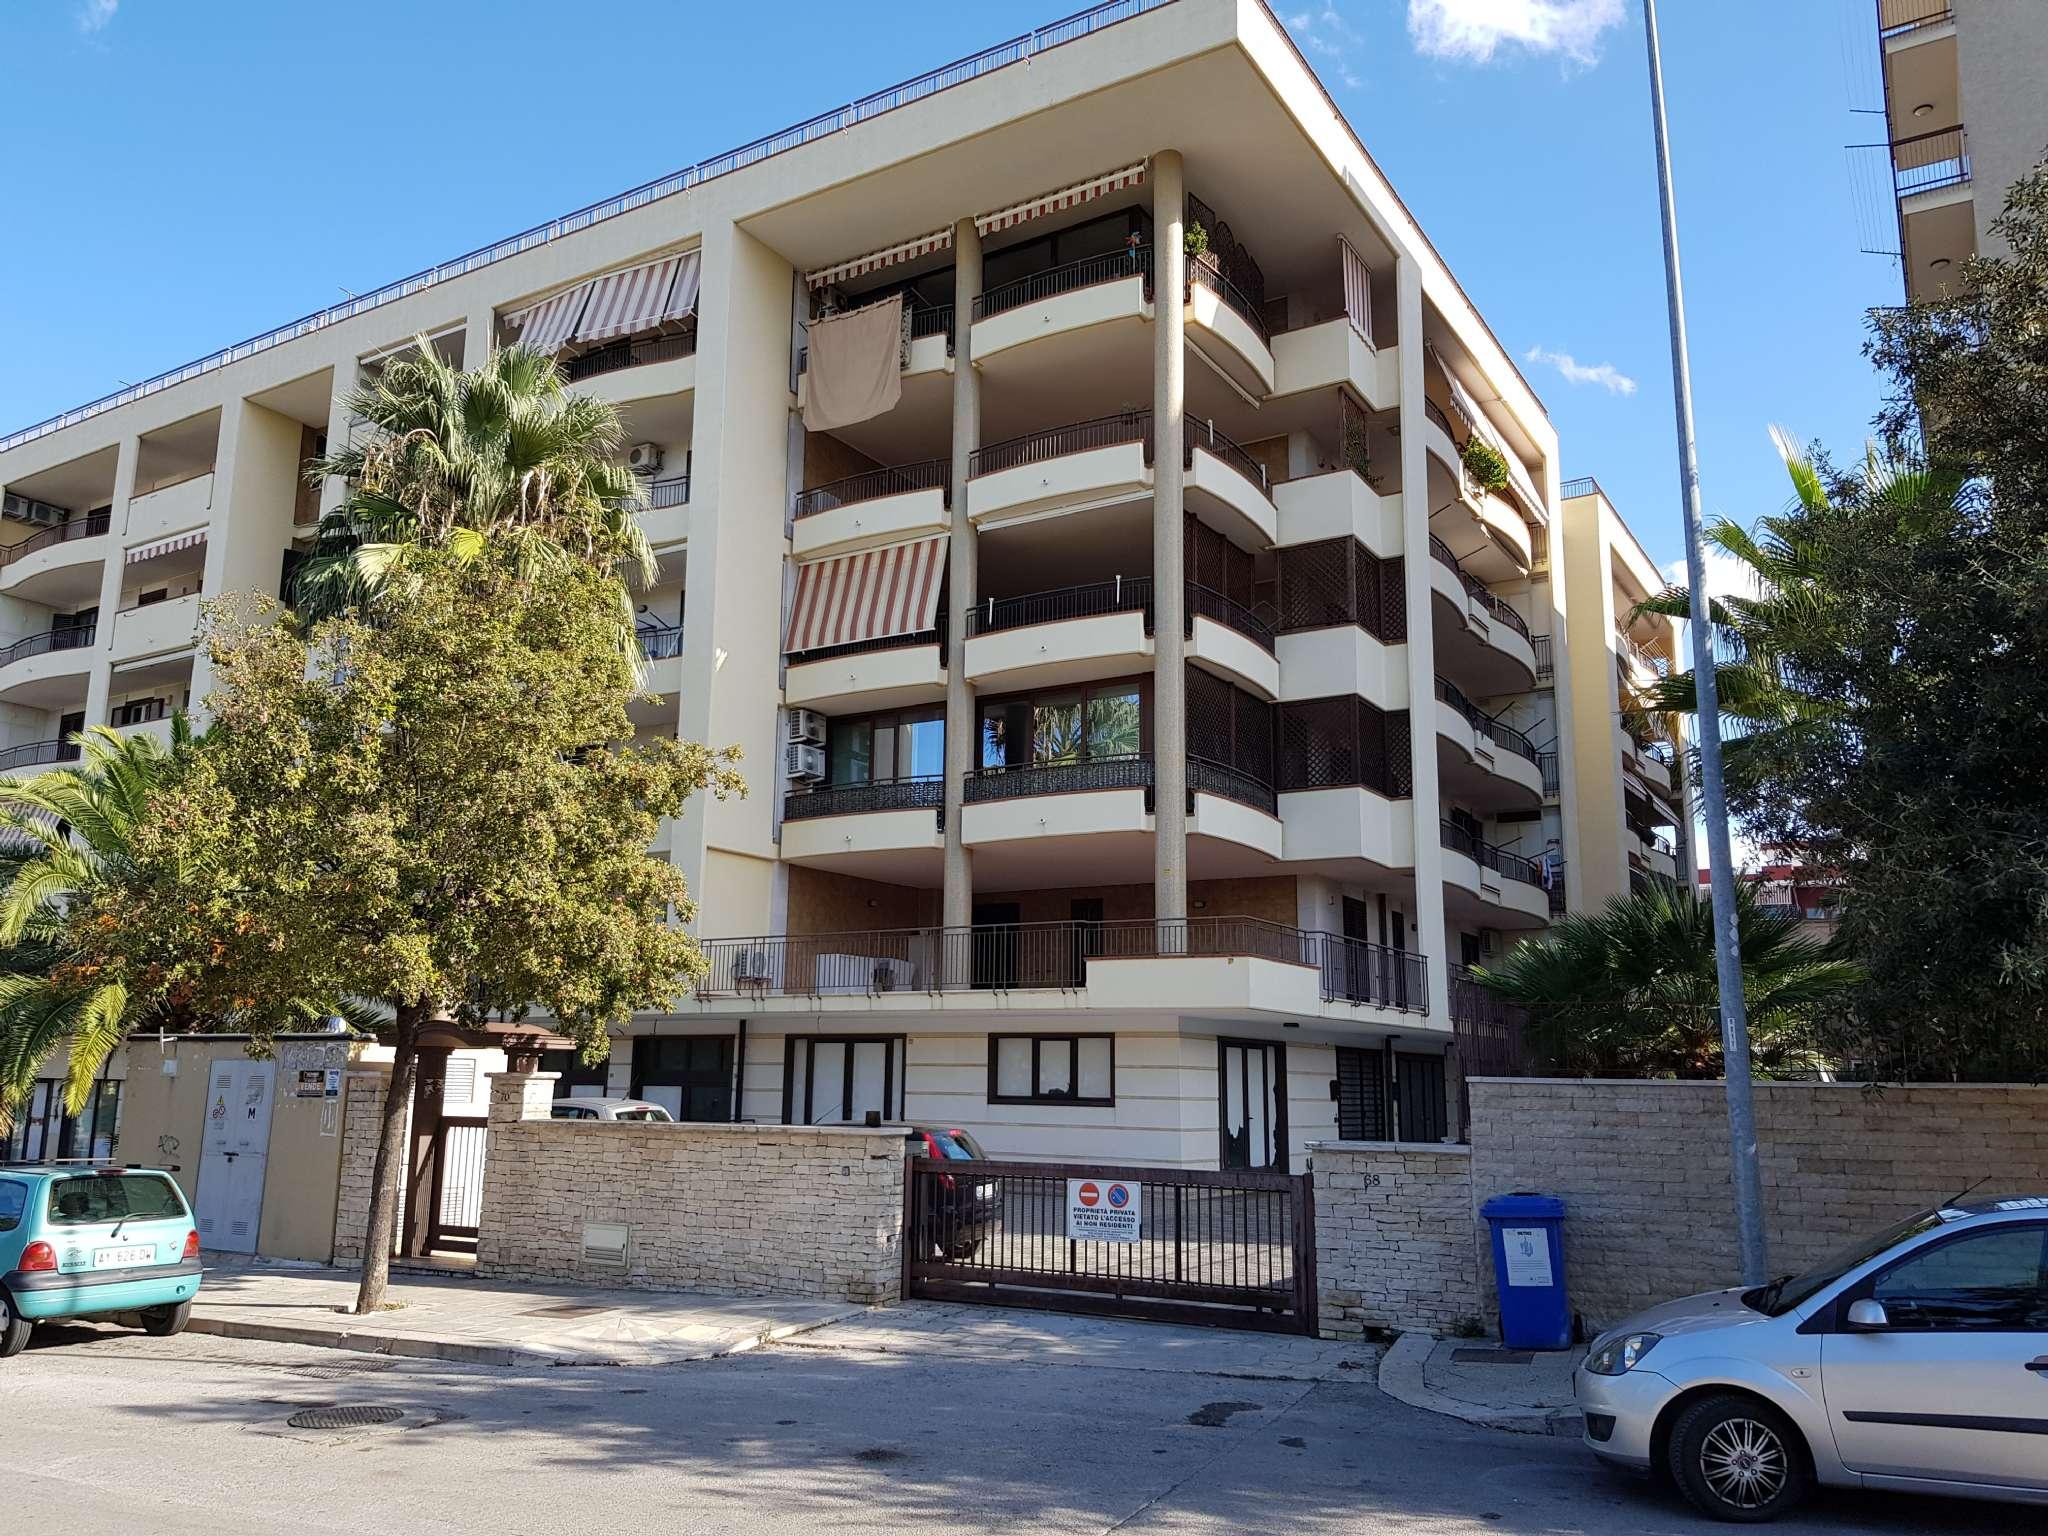 Appartamento in vendita a Bisceglie, 4 locali, prezzo € 295.000 | PortaleAgenzieImmobiliari.it